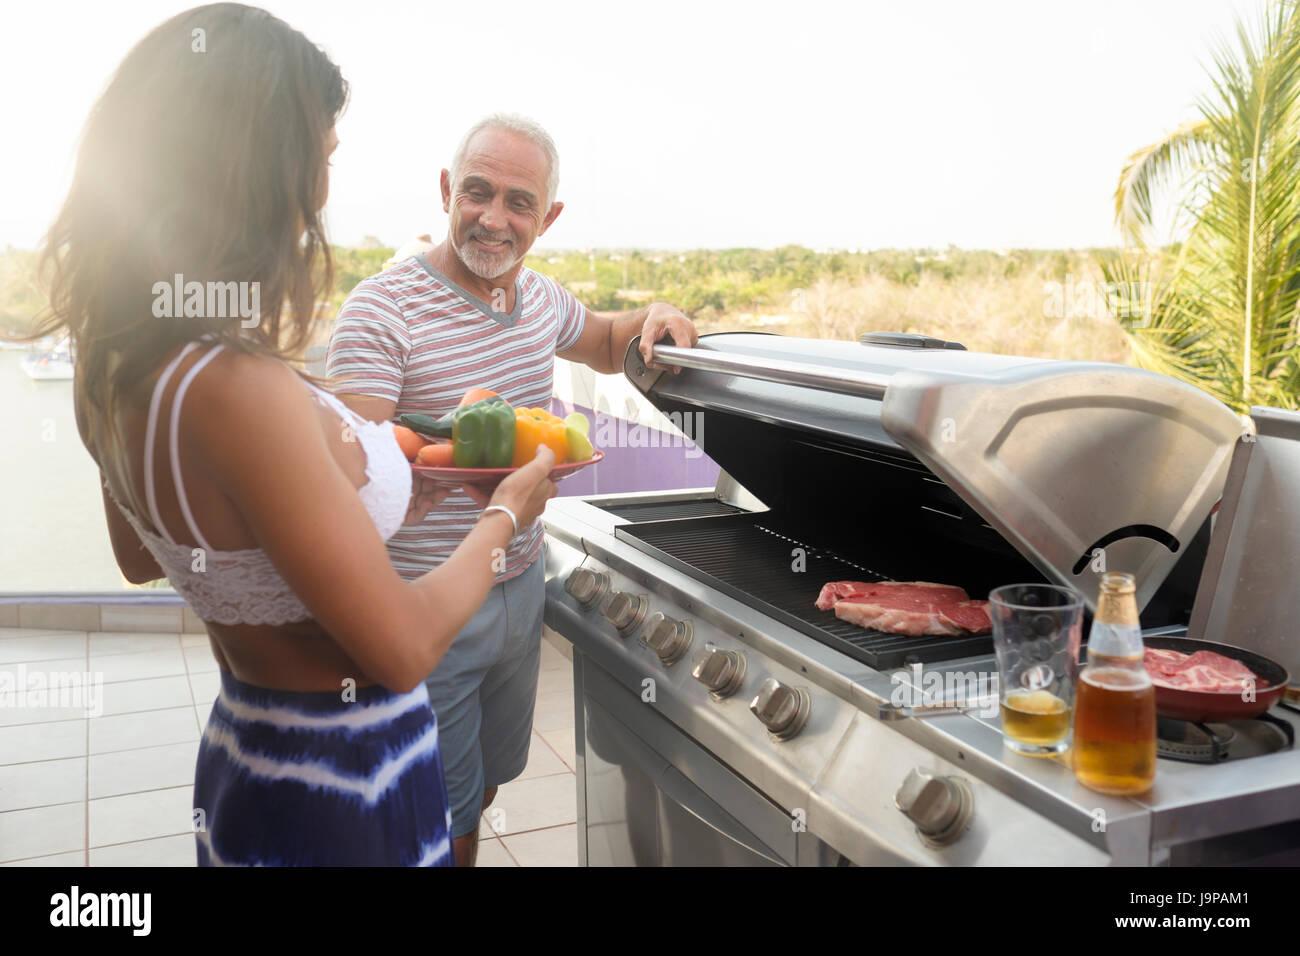 Frau bringt Gemüse mit einem Mann Grillen etwas Fleisch im freien Stockbild